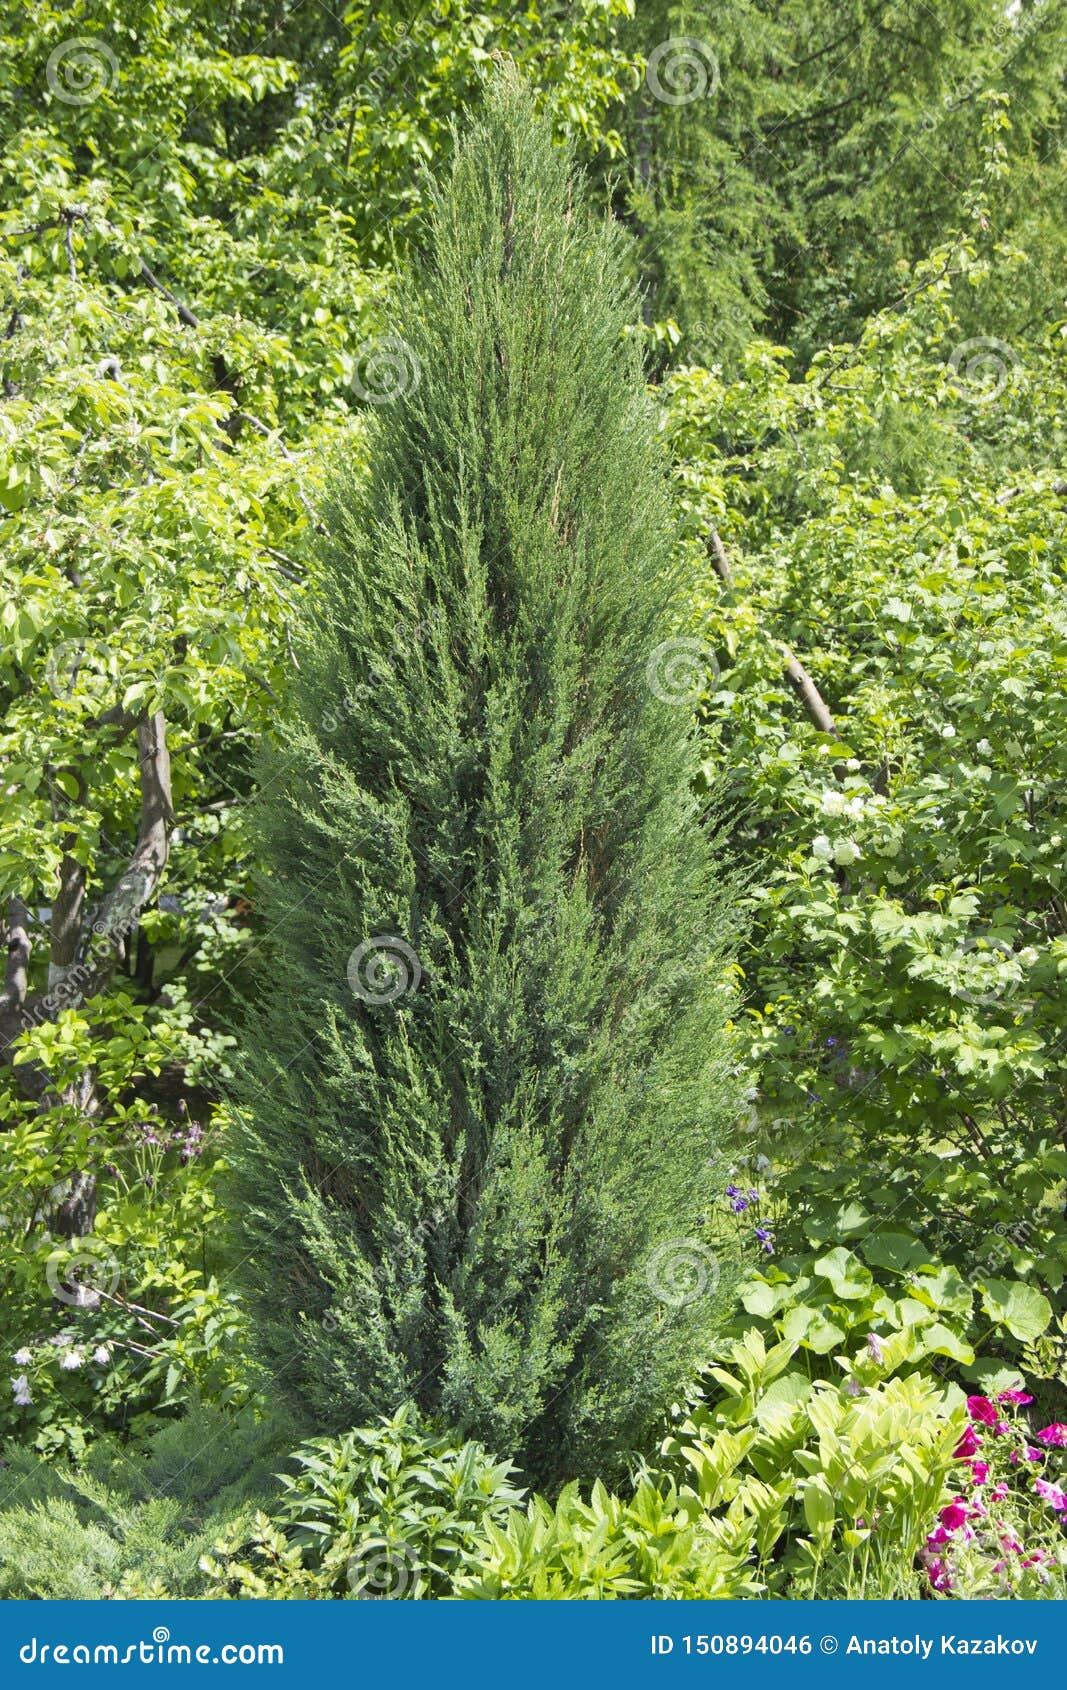 Кипарис род вечнозеленых деревьев и кустарников семьи Cypress с pyramidal или распространяя кроной